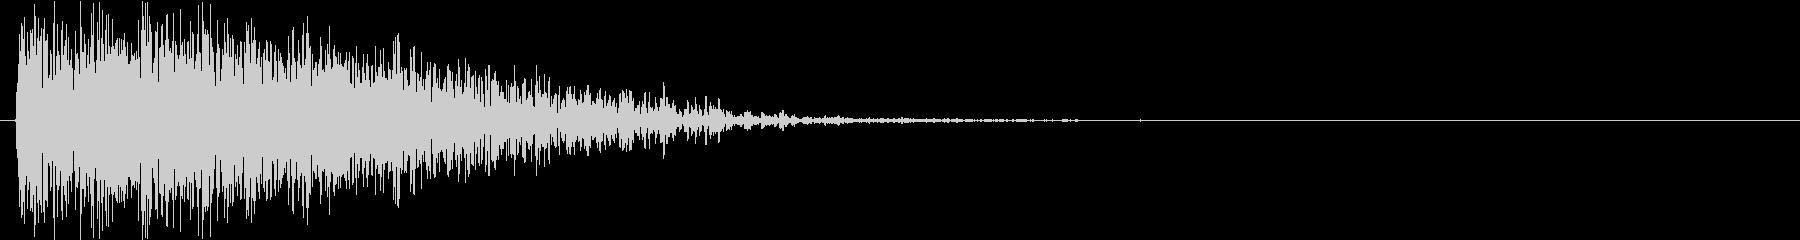 ボボボボーン(着弾、爆発、複数)の未再生の波形